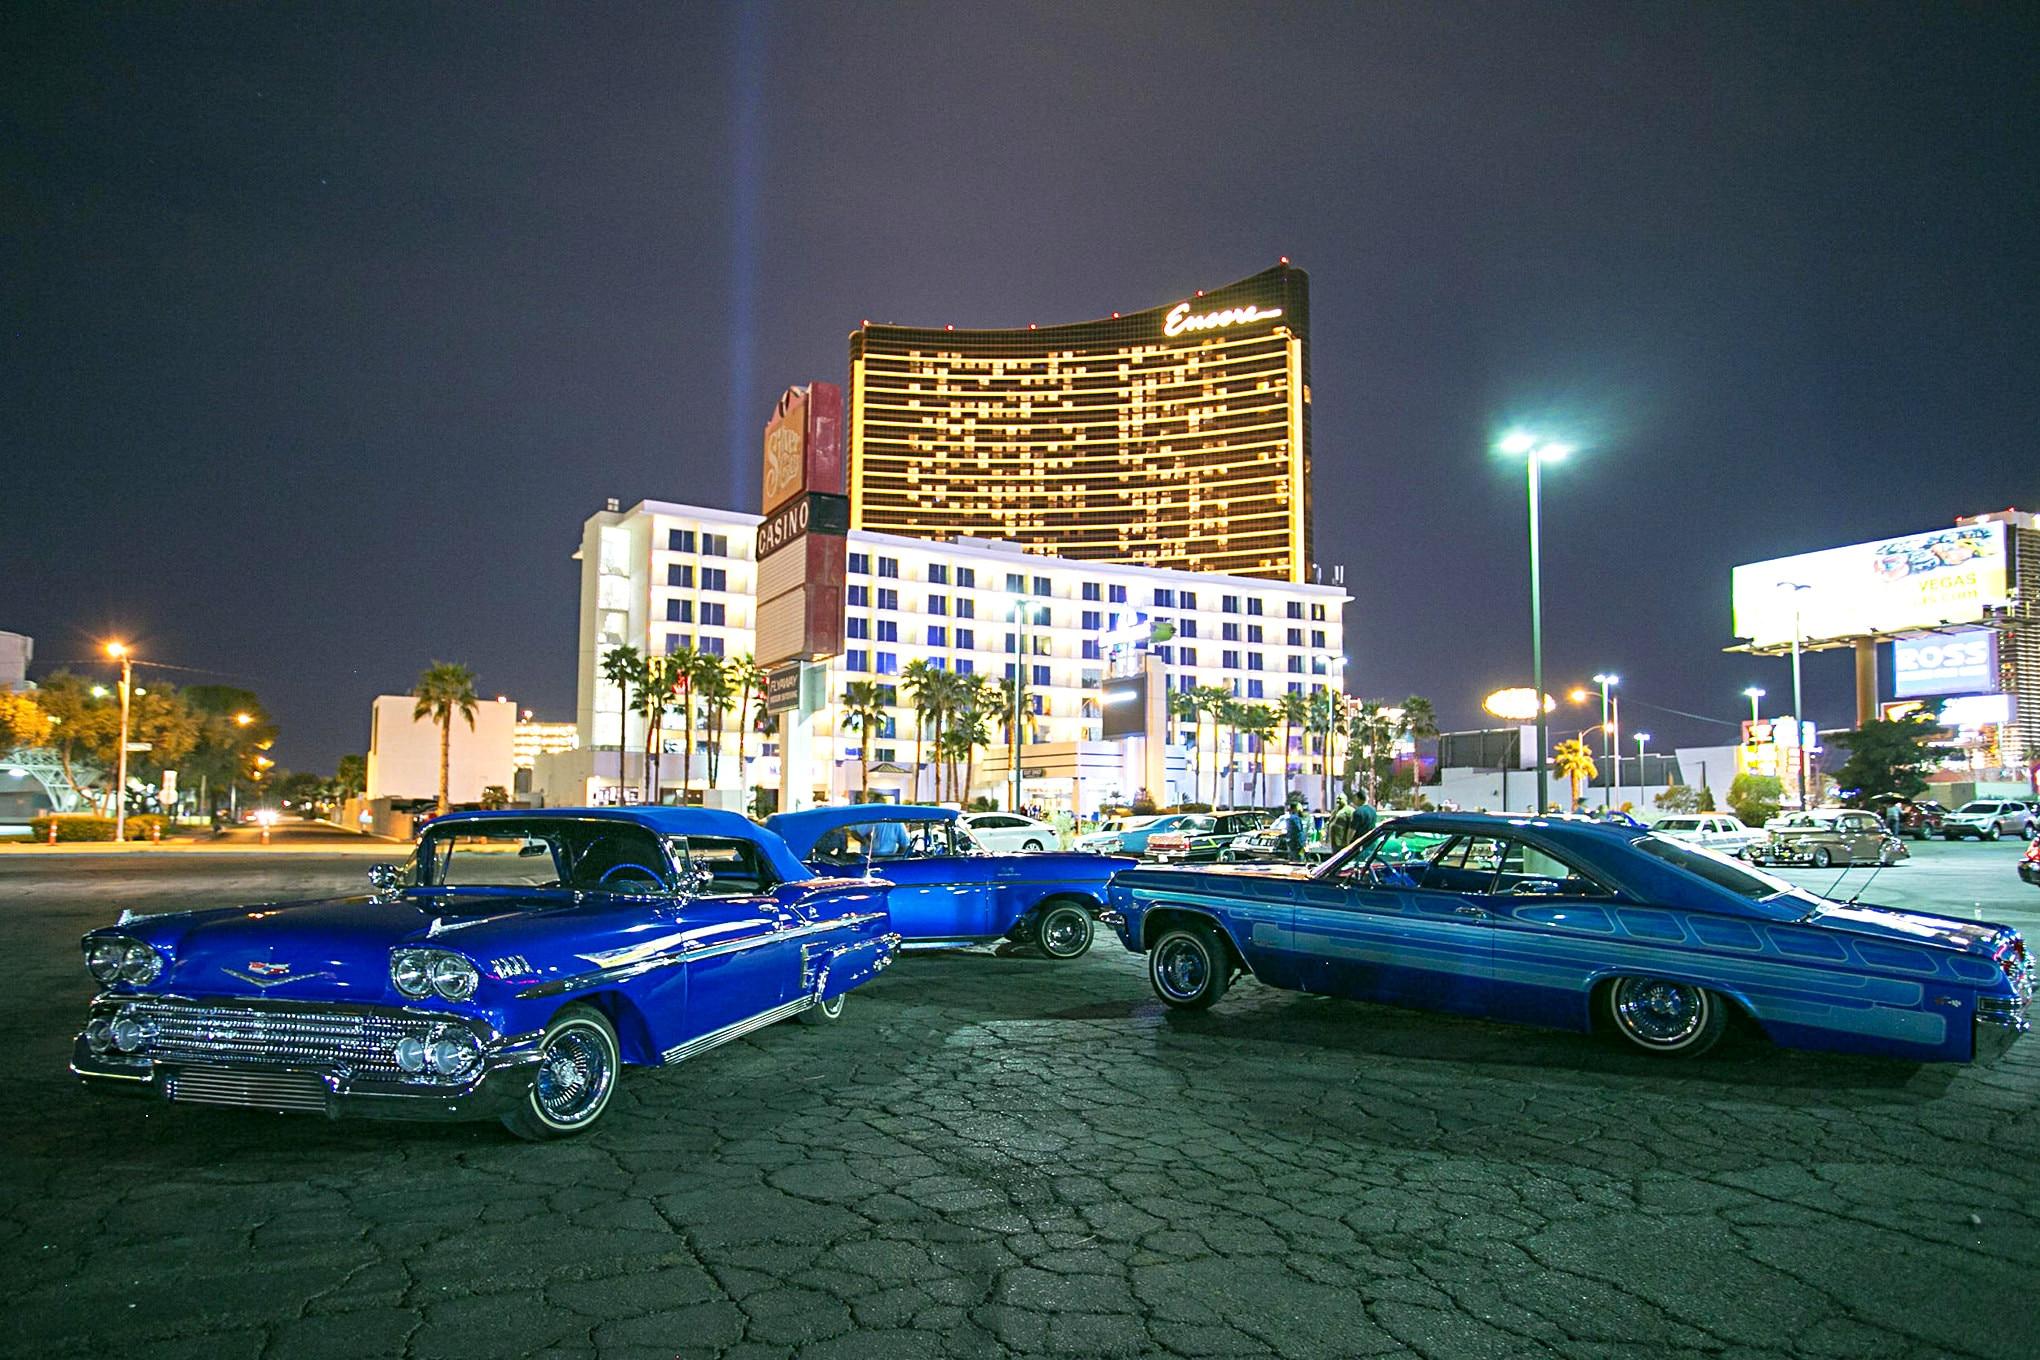 2016 Dodge Magnum >> 2016 Las Vegas Cruise Night